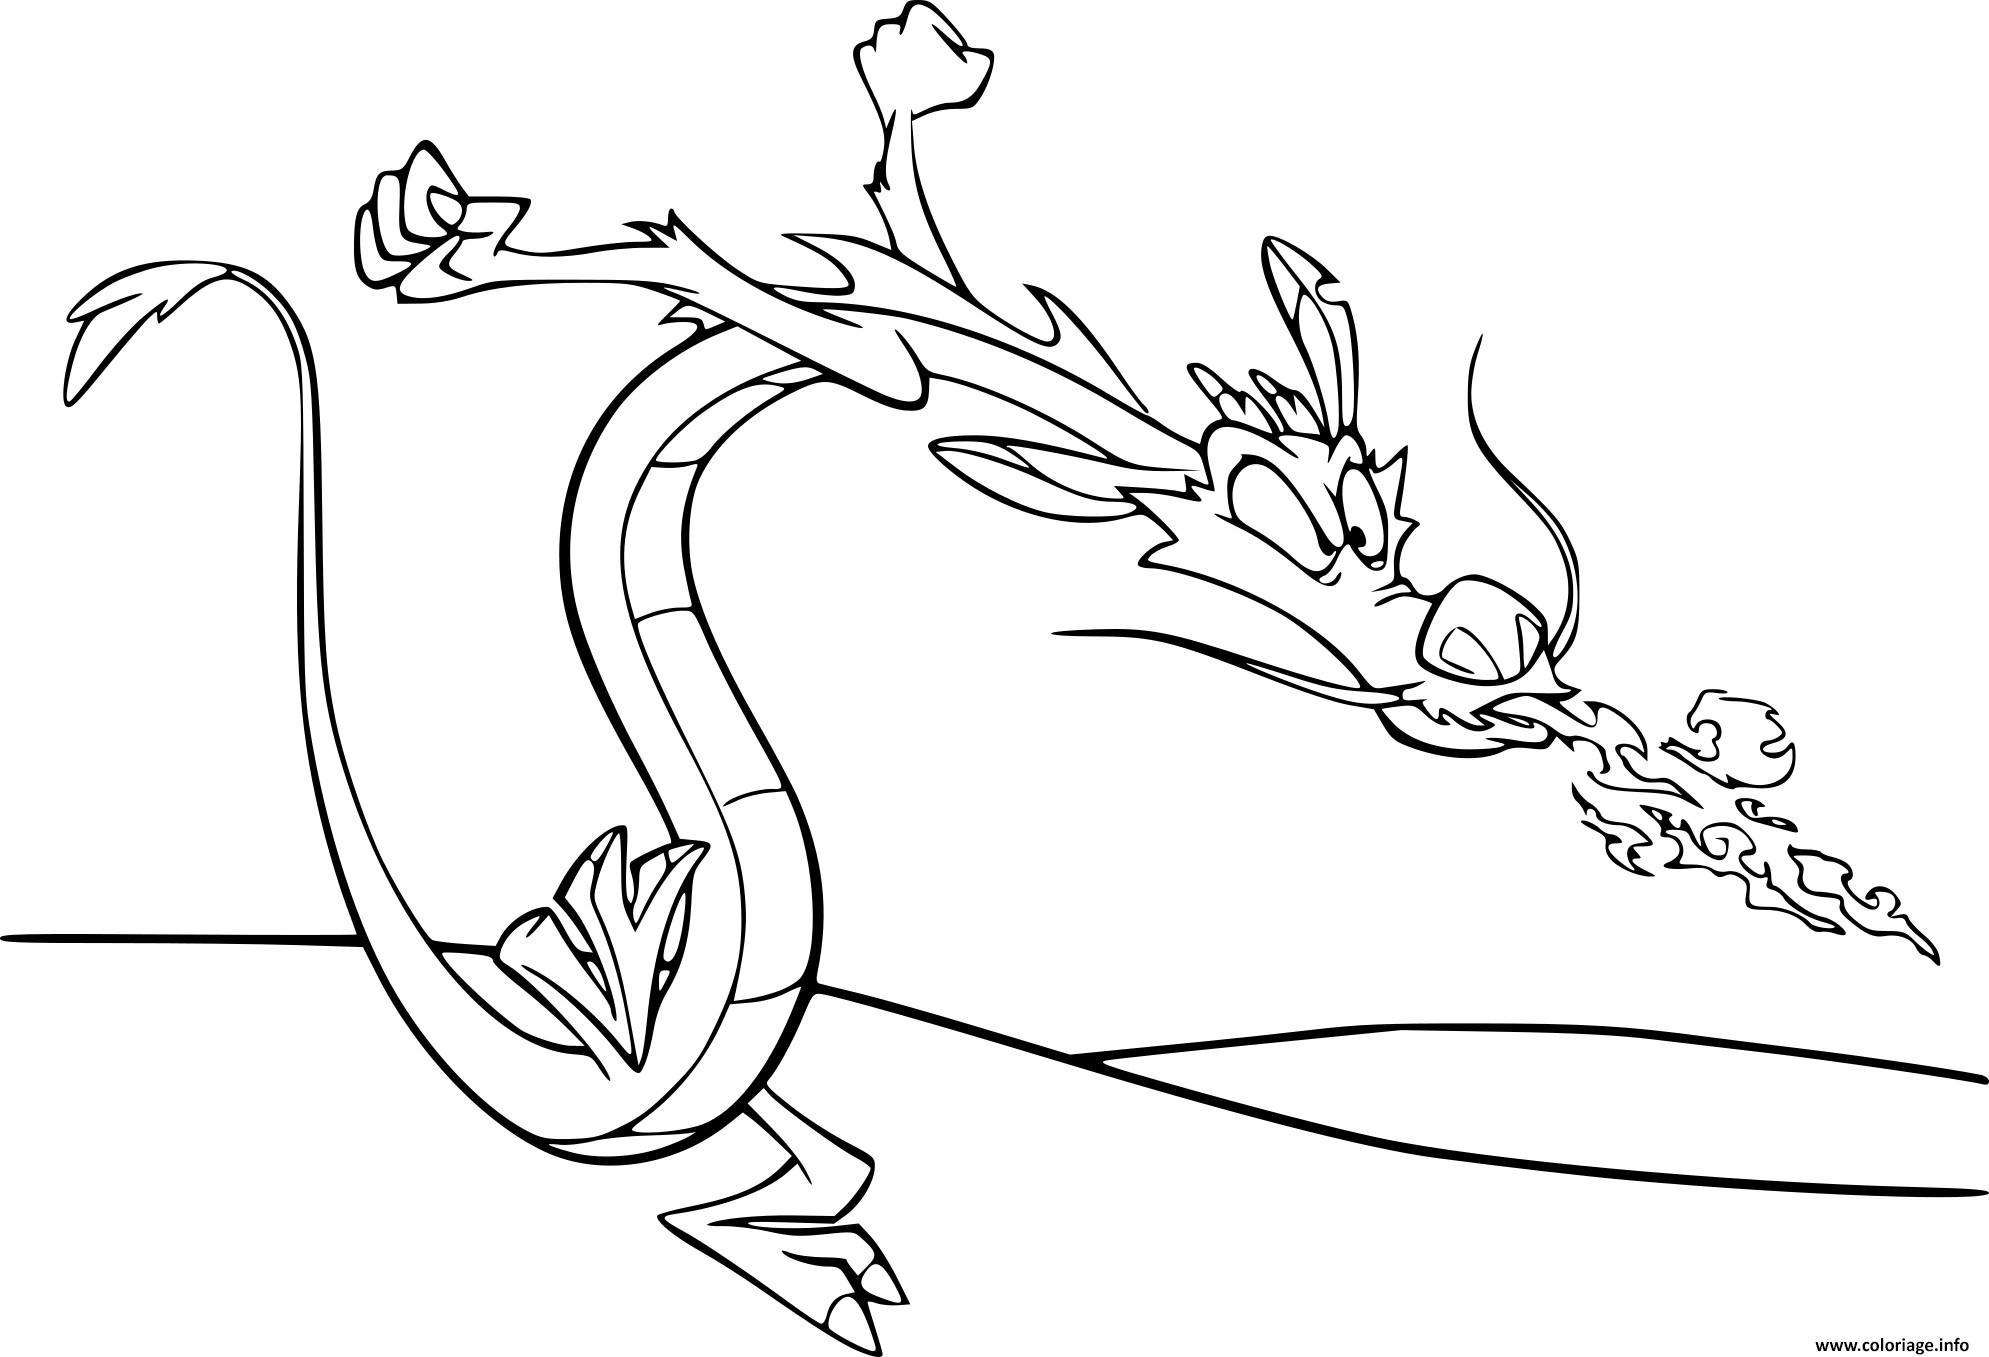 Dessin mushu le petit dragon de mulan Coloriage Gratuit à Imprimer